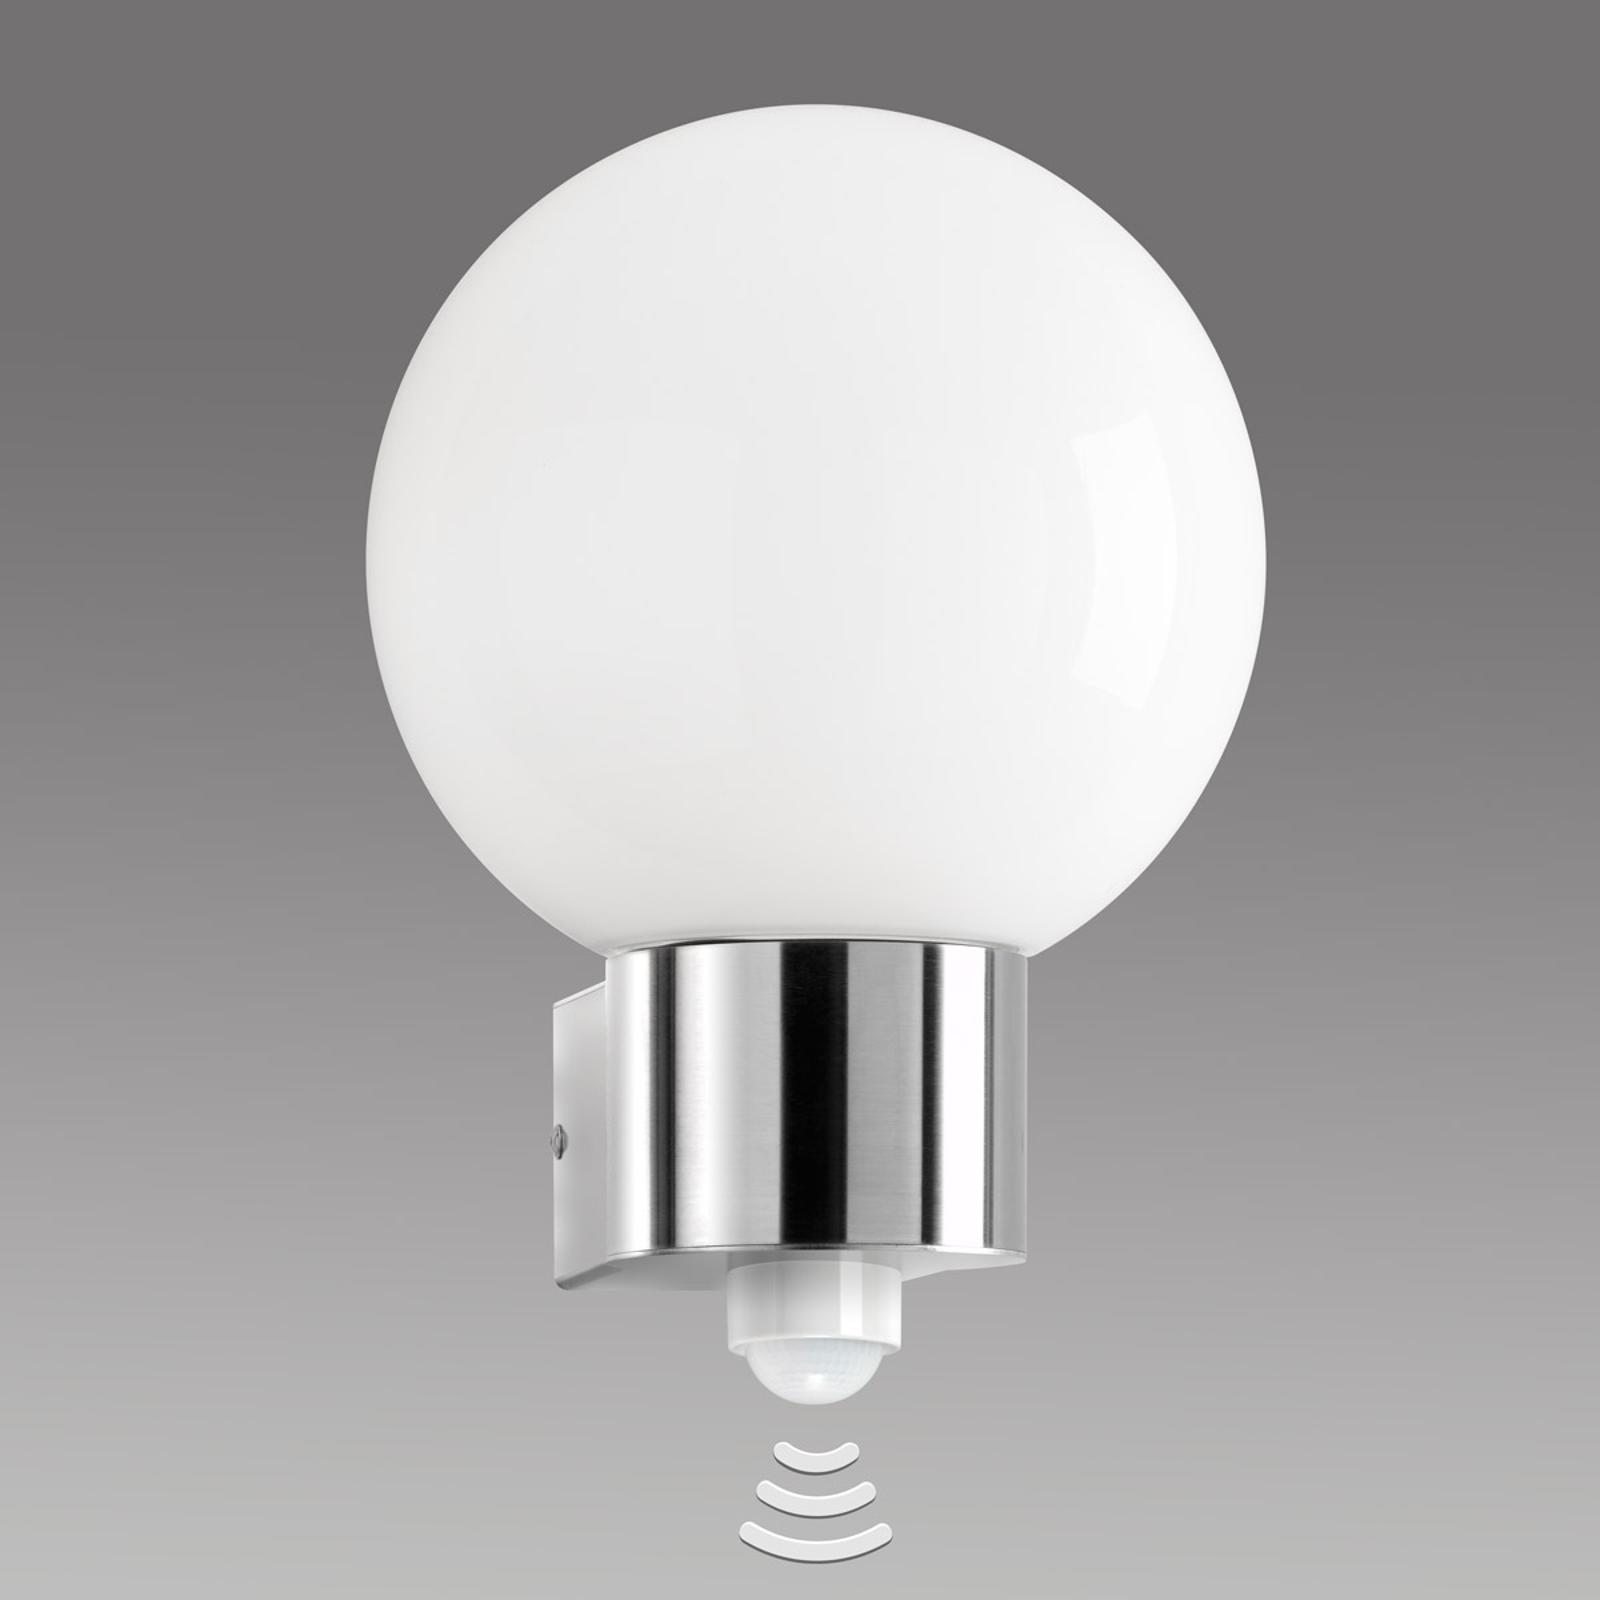 Venkovní nástěnné svítidlo Kekoa z nerezu, senzor